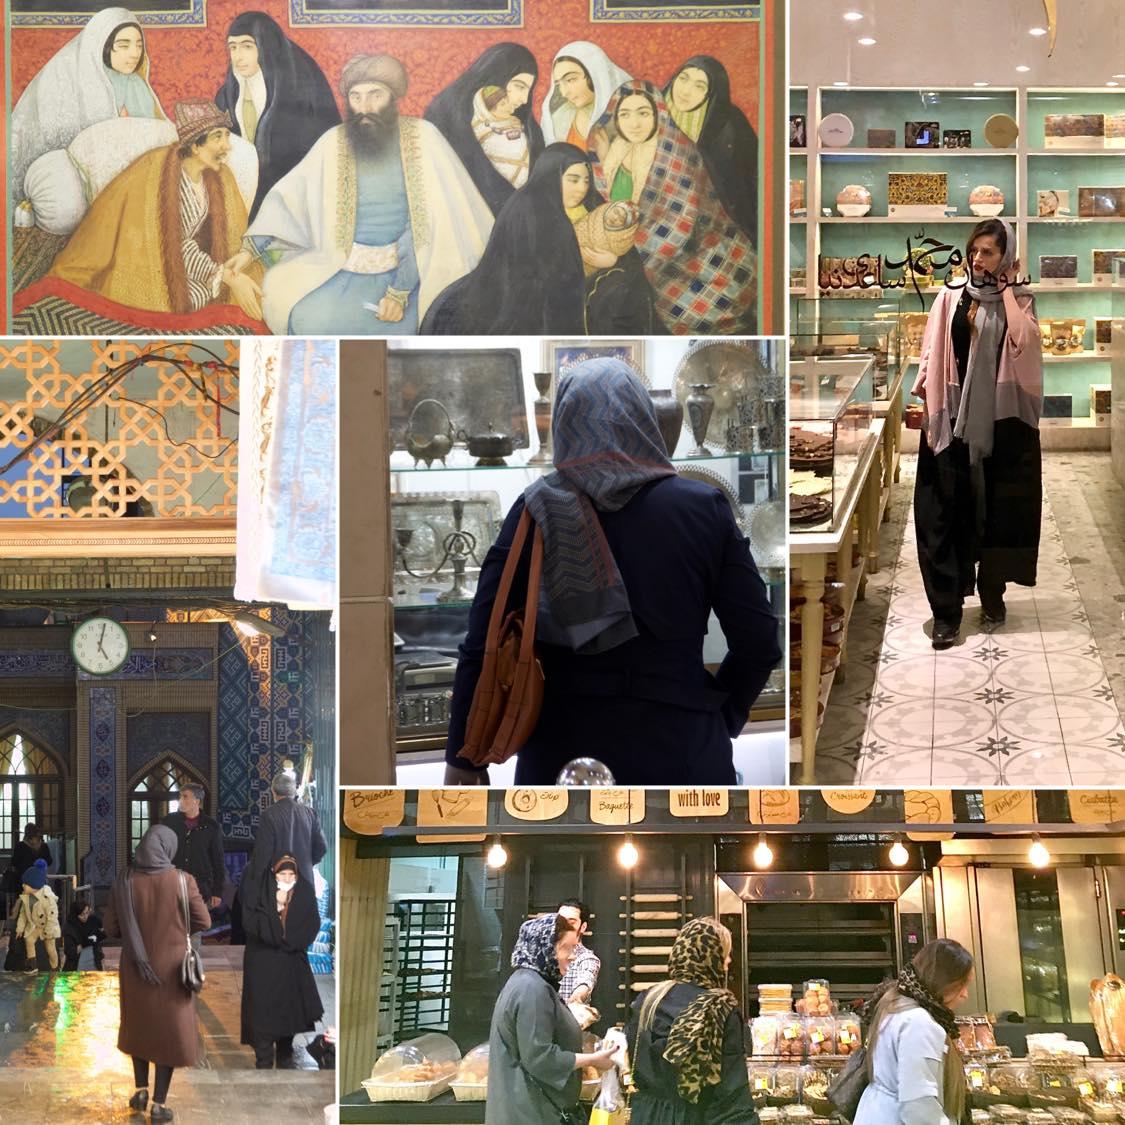 Reisebericht Tehran, Kleiderordnung auch für Urlauber, Bild 2